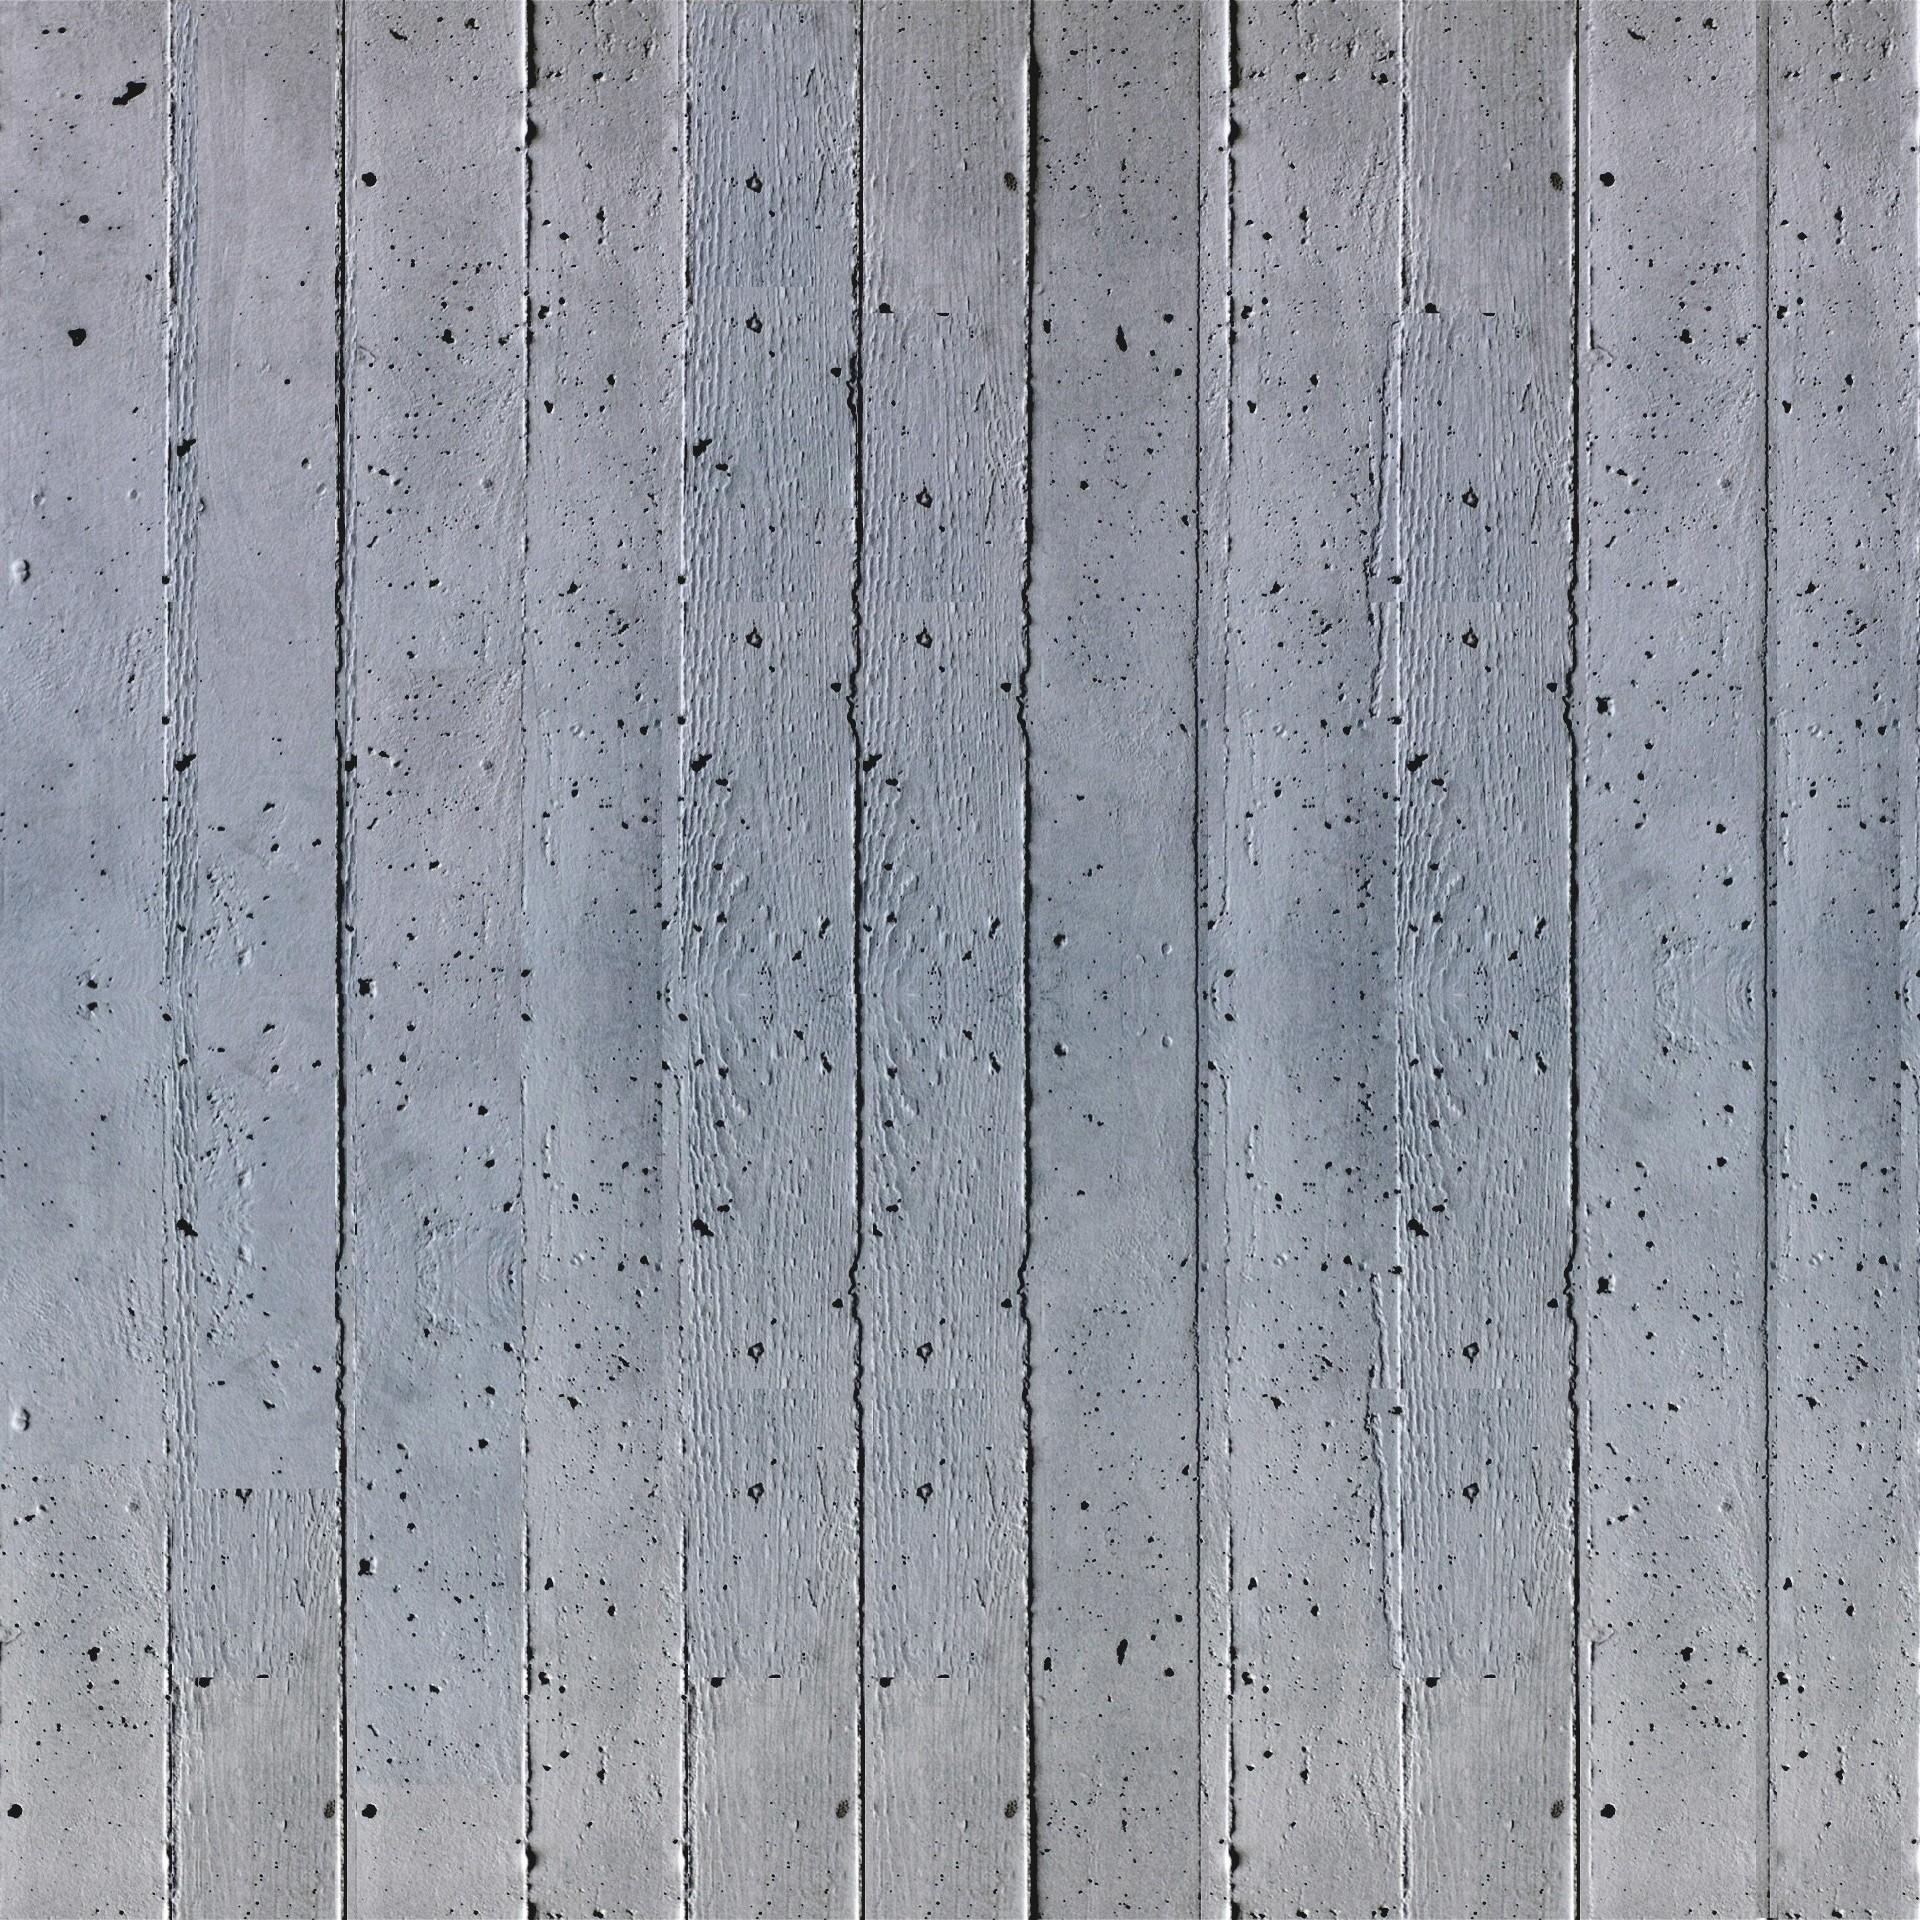 Architektur handy wallpaper